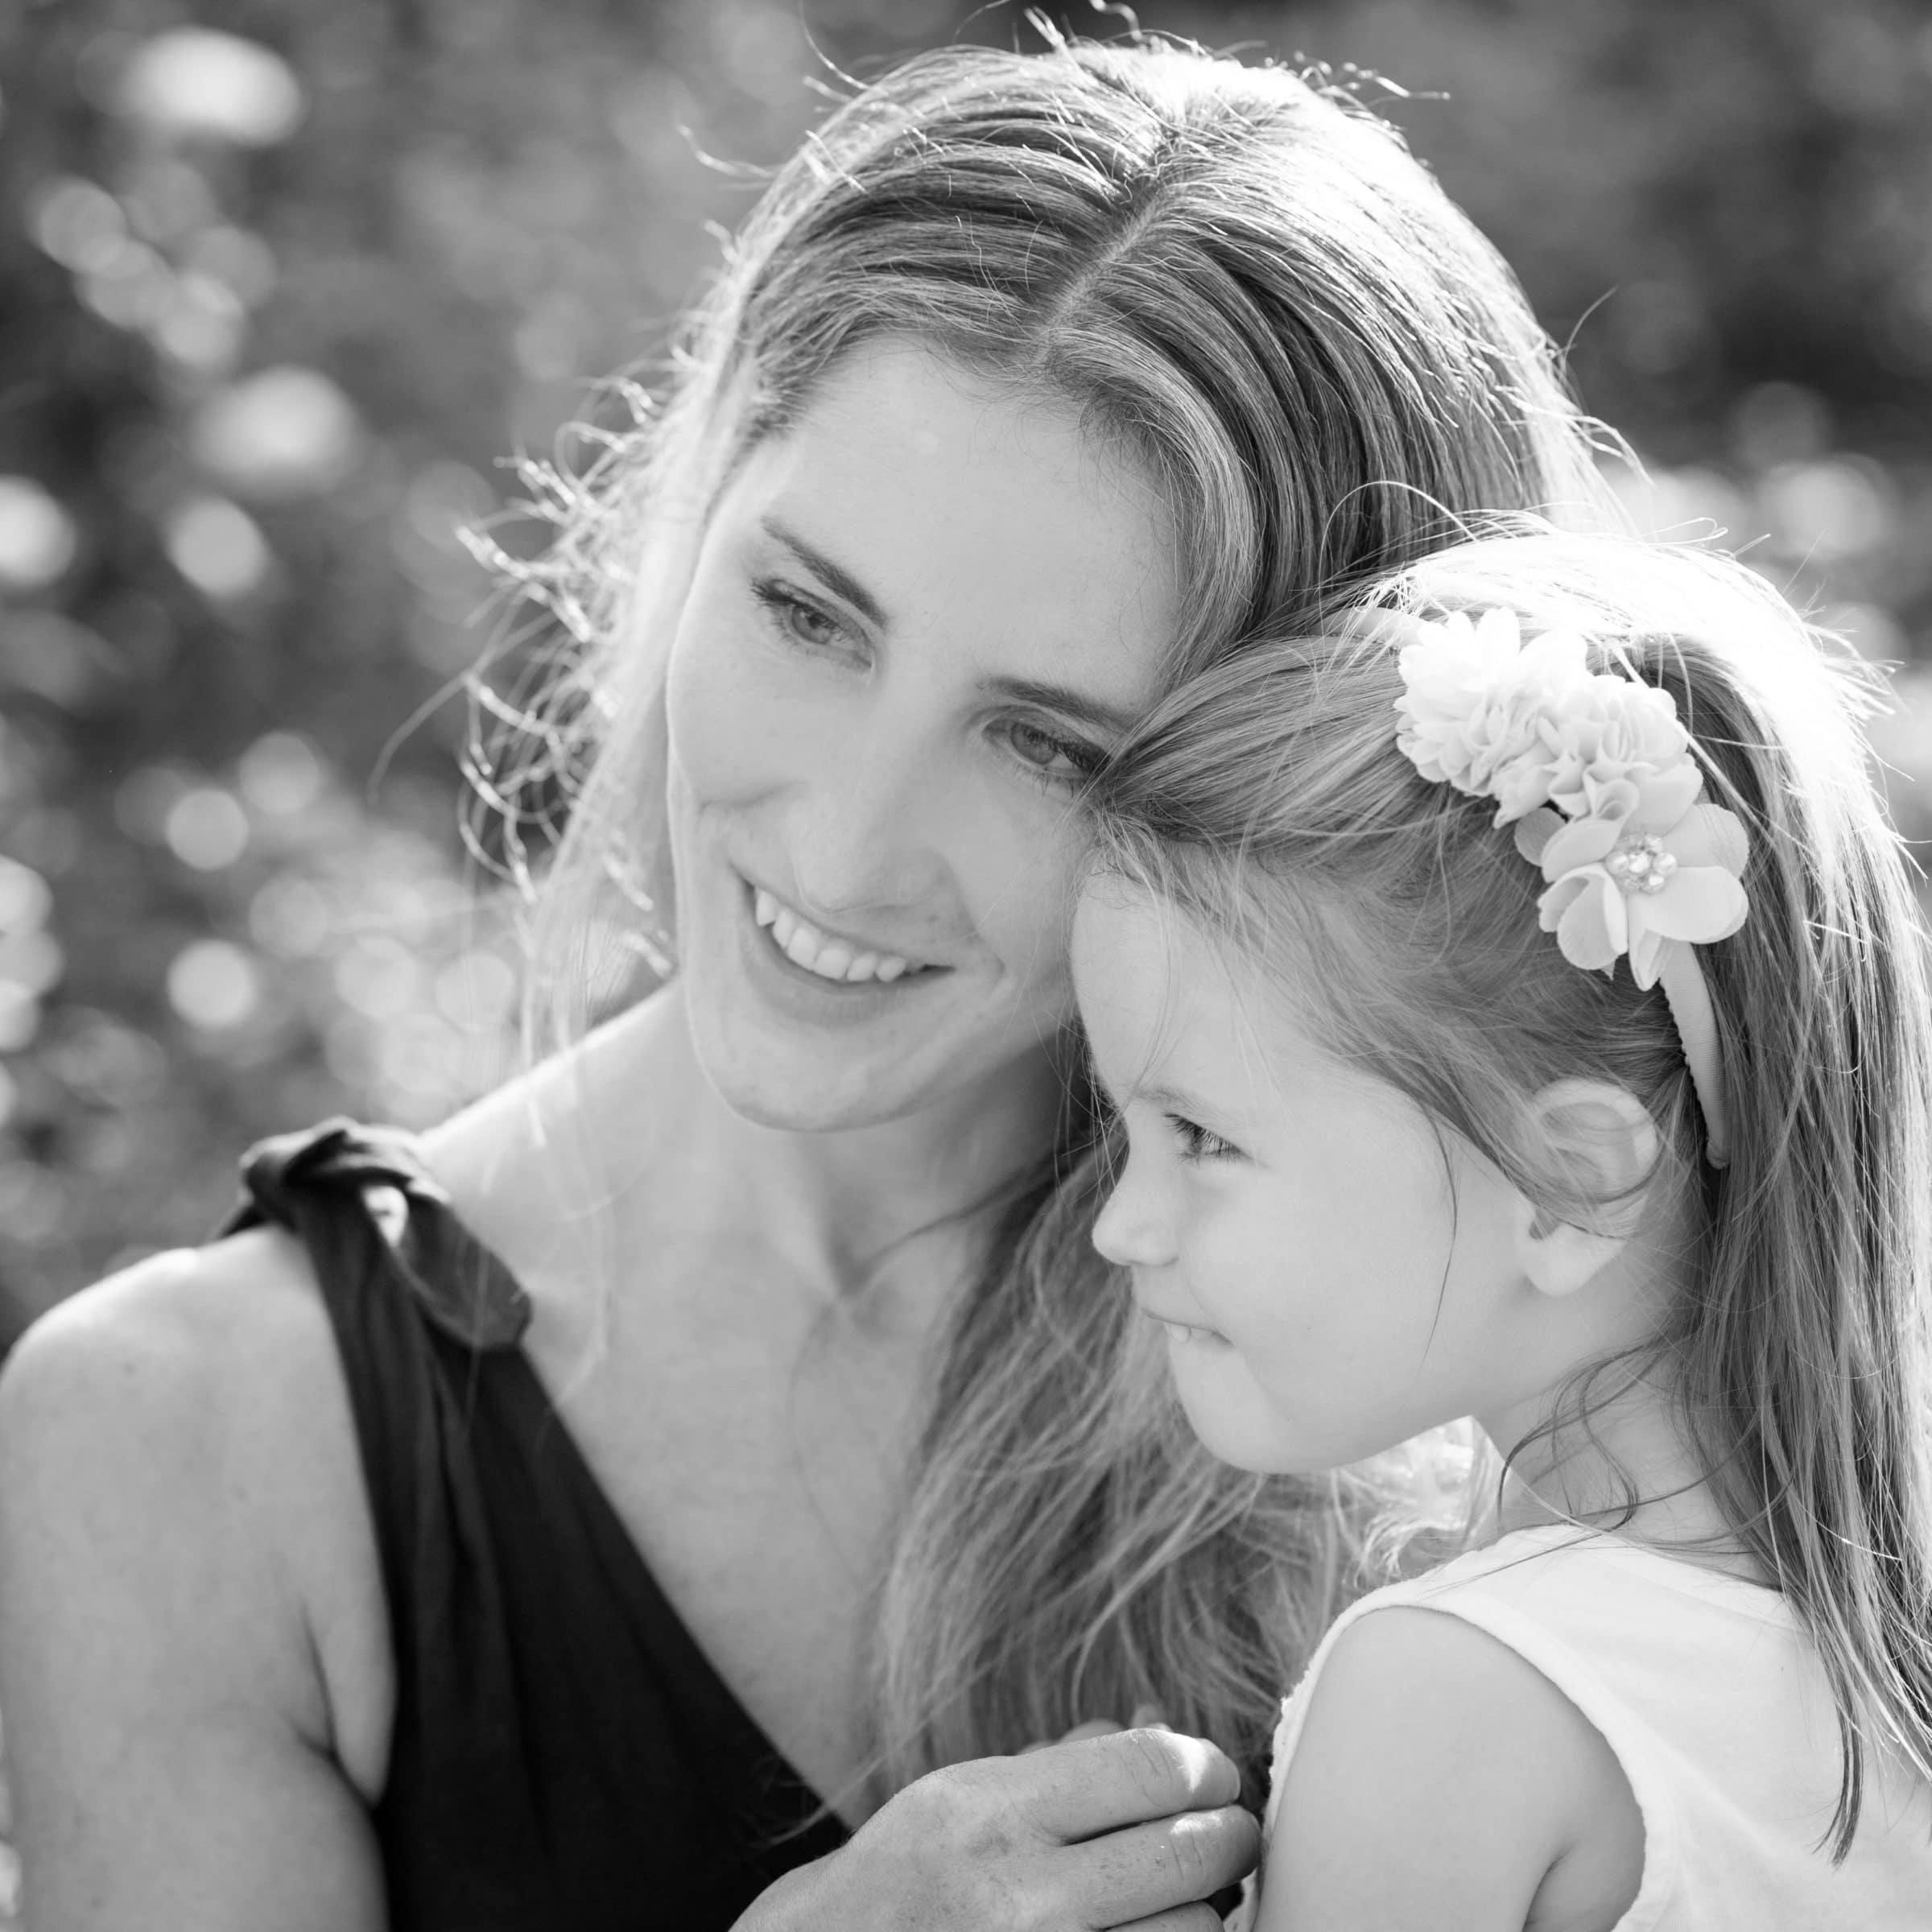 mom embracing daughter